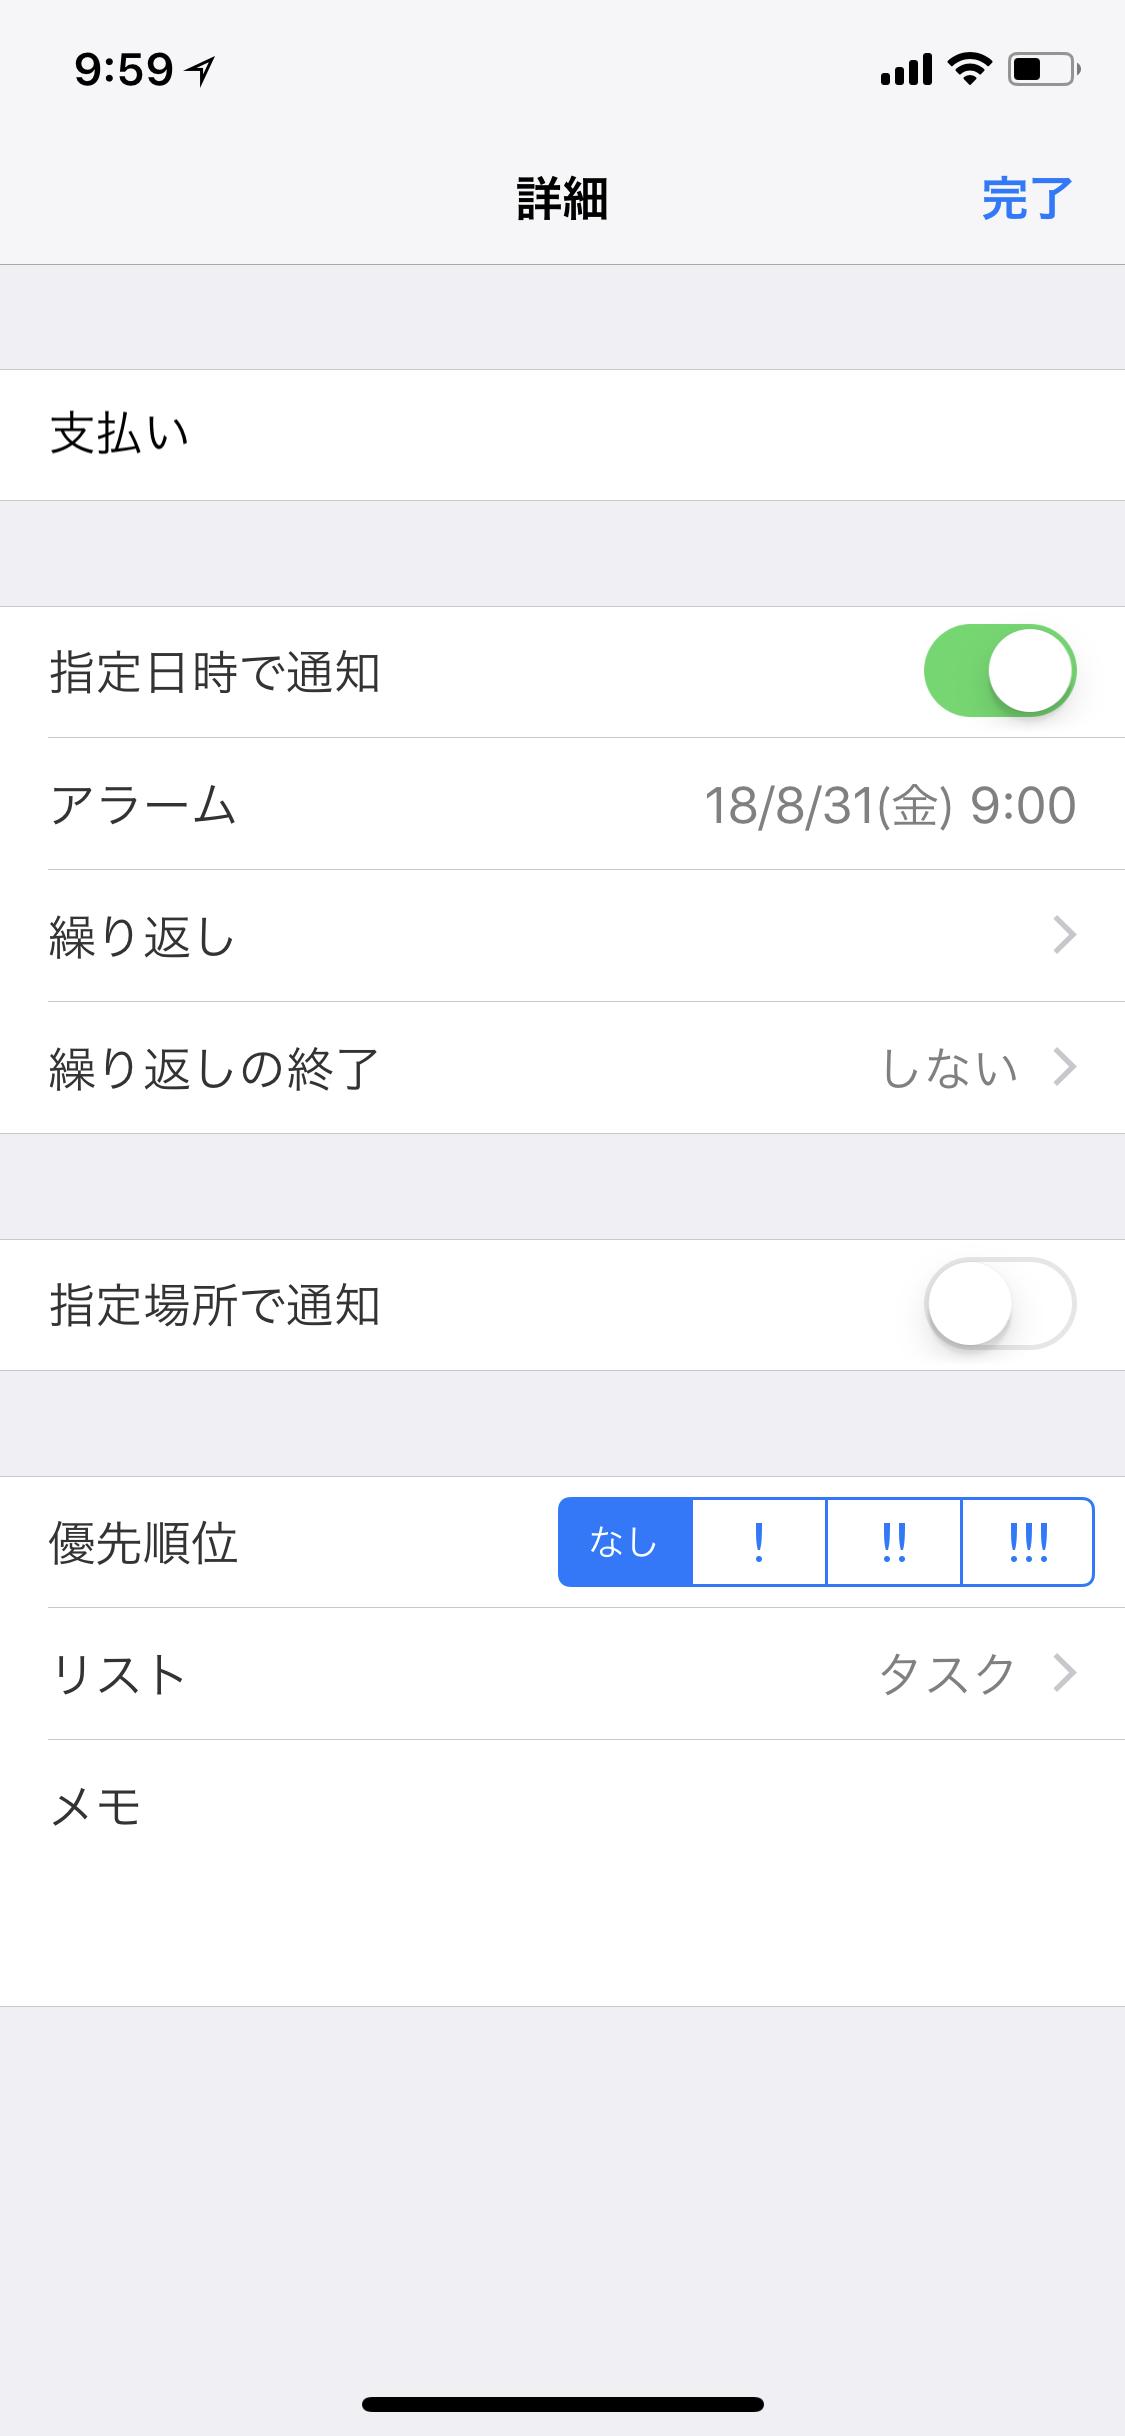 iPhone操作画面「詳細」